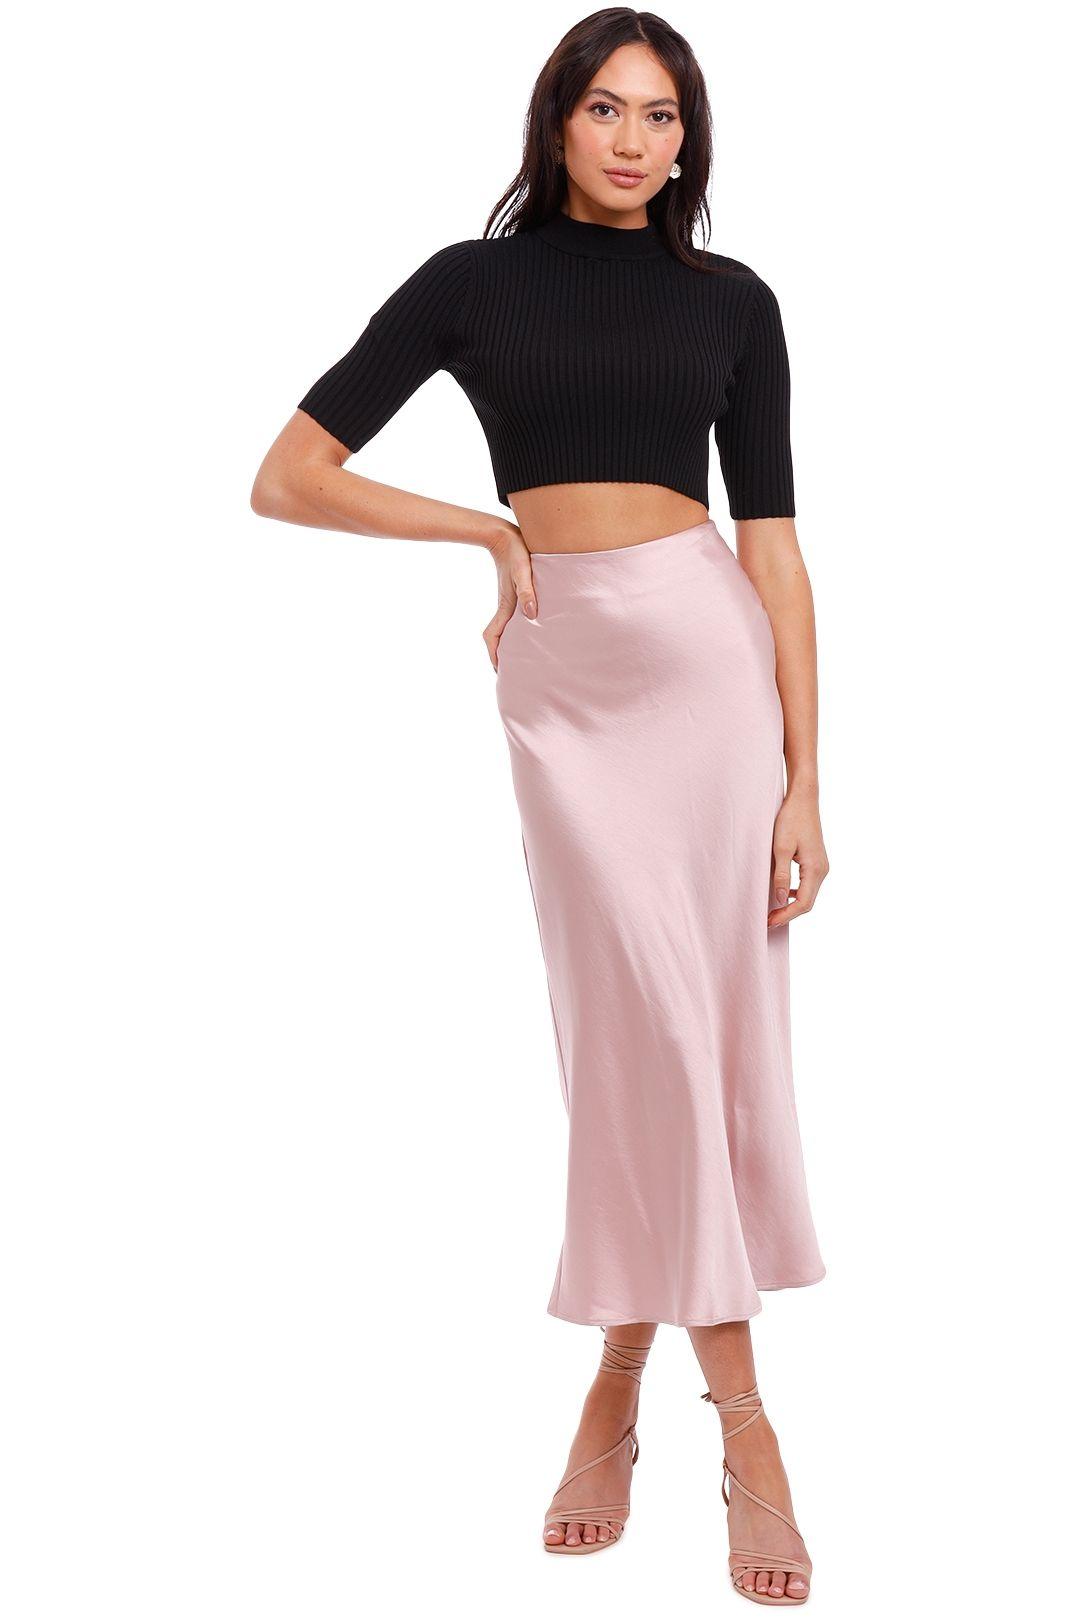 Jillian Boustred Scarlet Slip Skirt